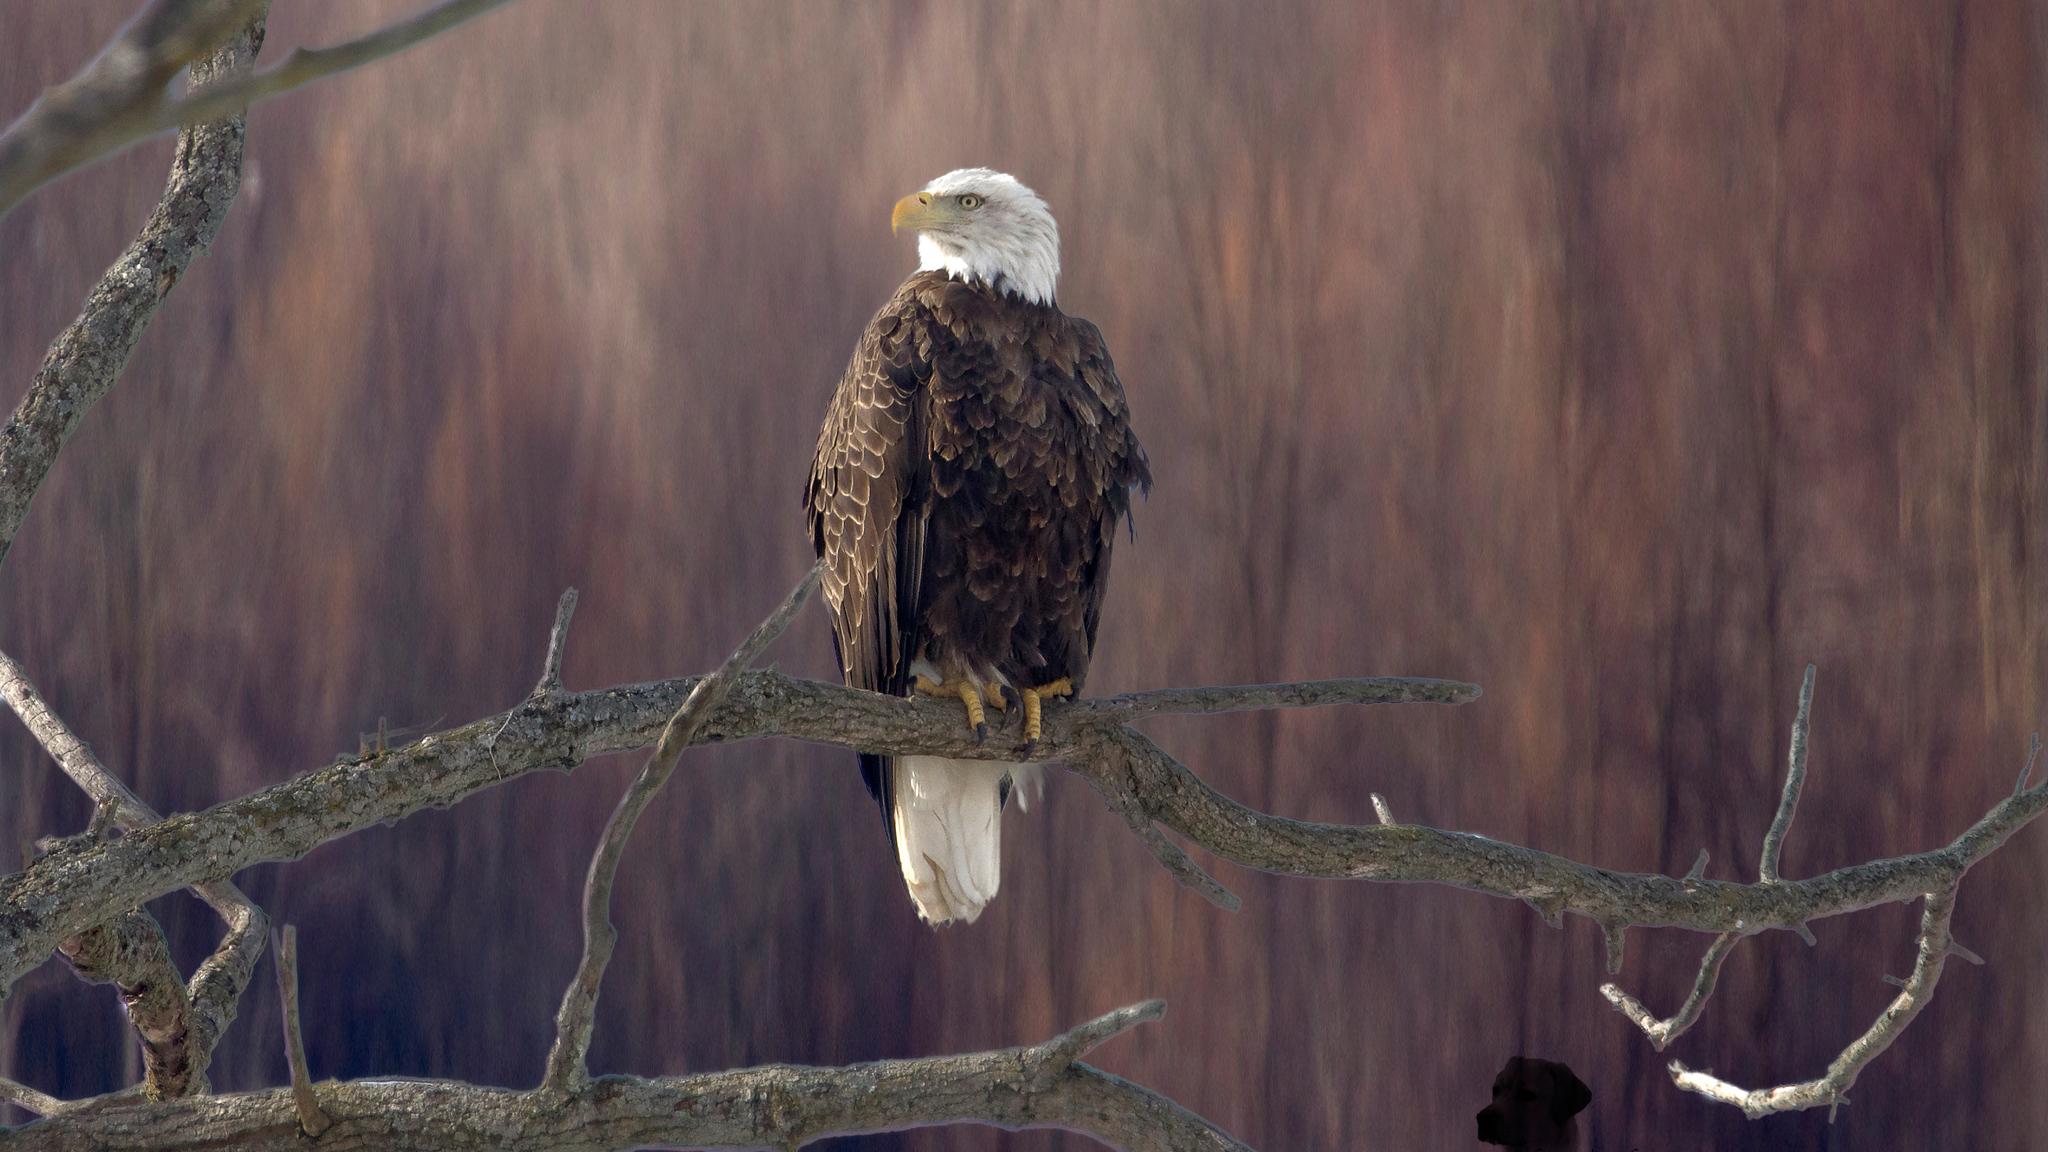 bald-eagle-sitting-on-branch-5k-jh.jpg